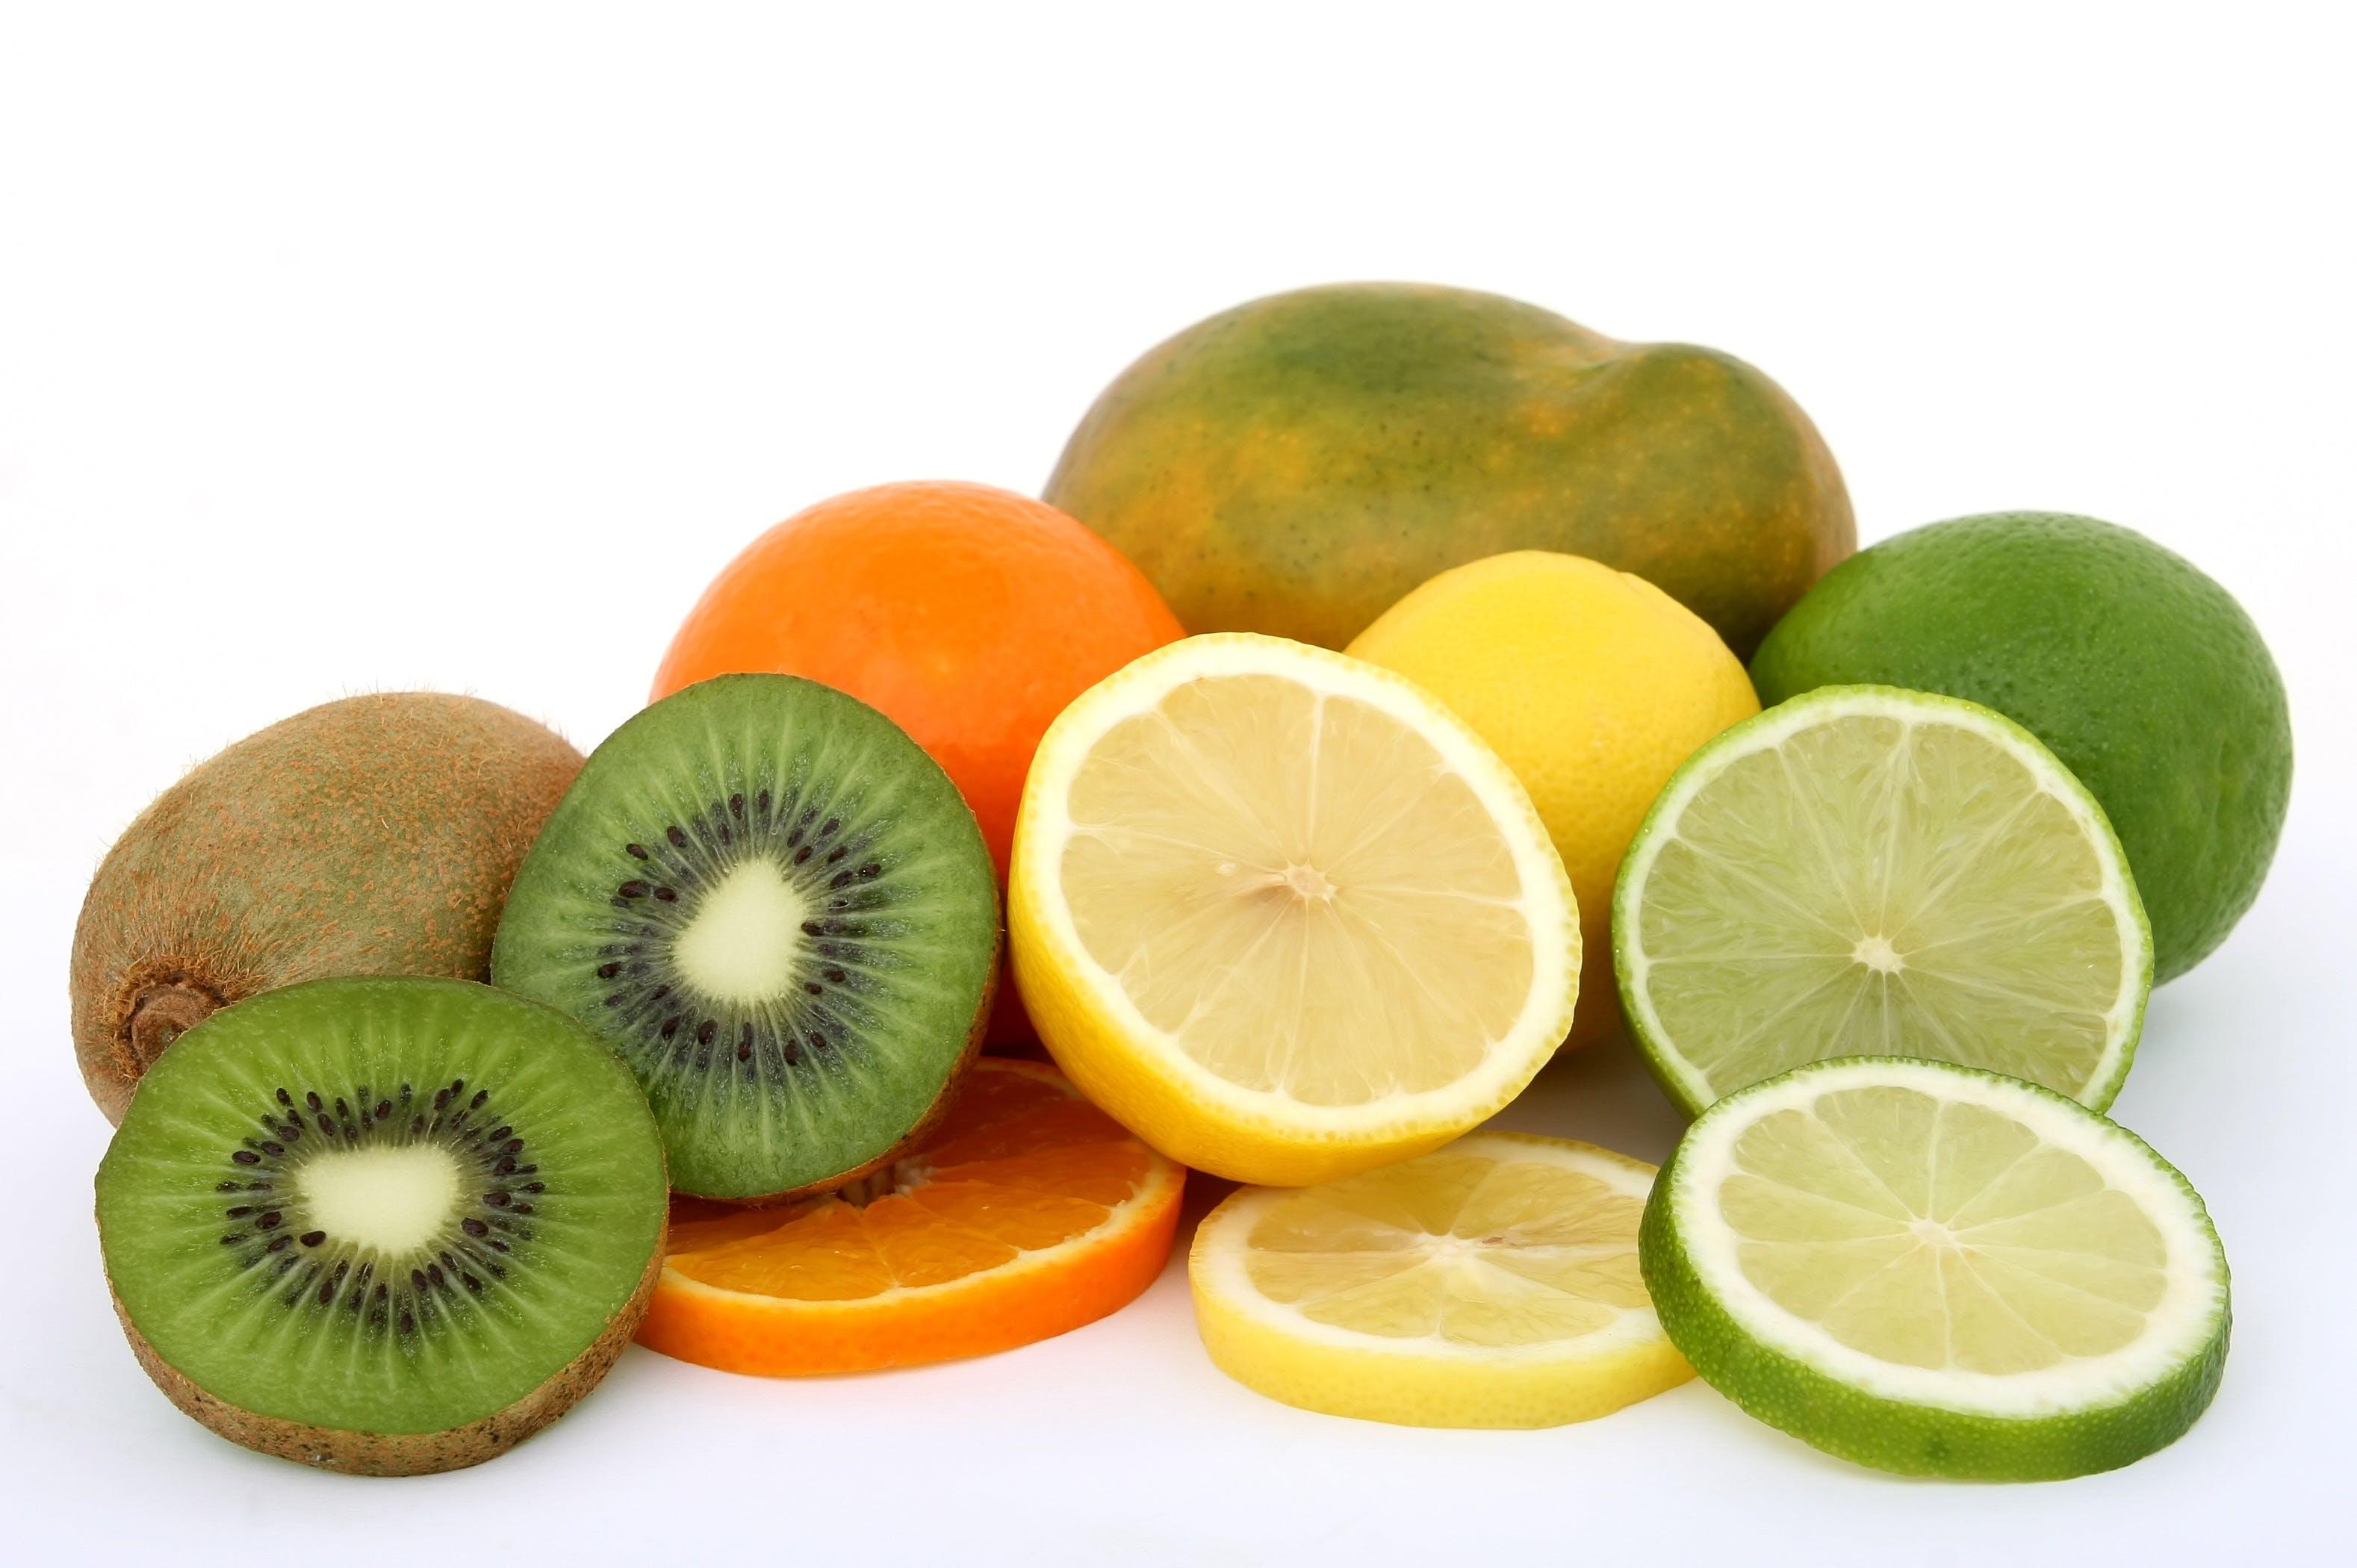 Foto d'estoc gratuïta de a trossos, cítrics, fruites, fruites tropicals